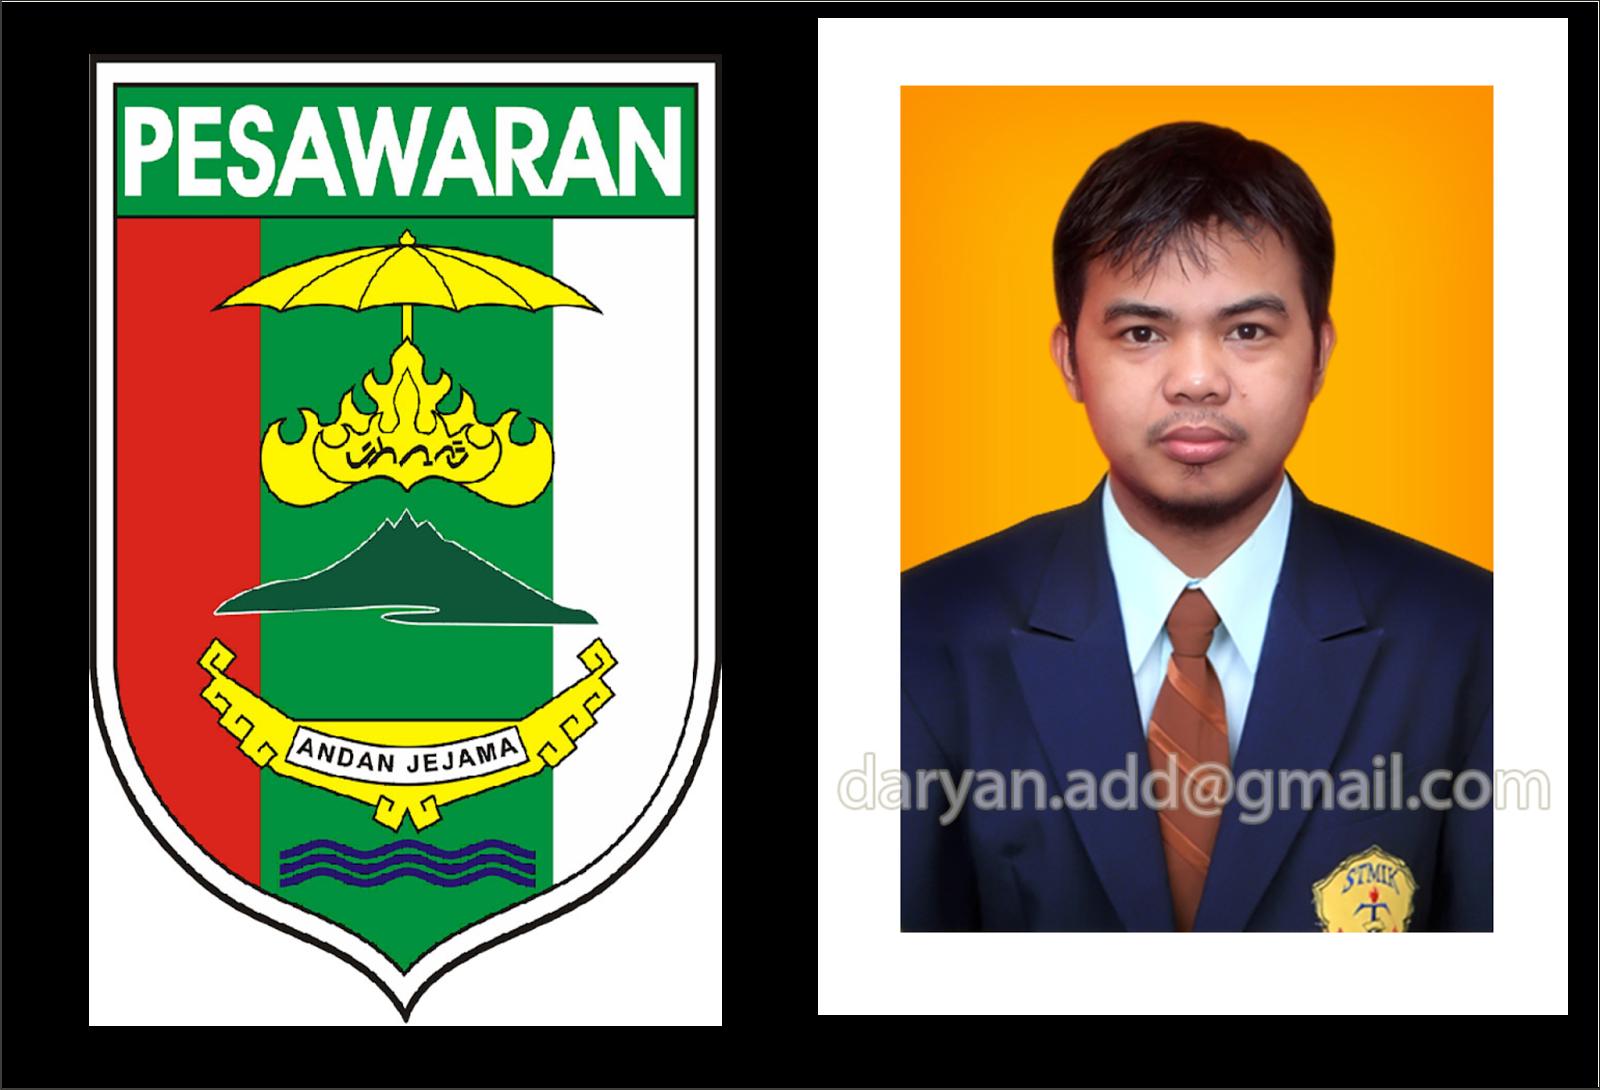 Pesisir Barat Lampung Logo Logo Kabupaten Kota Provinsi Lampung